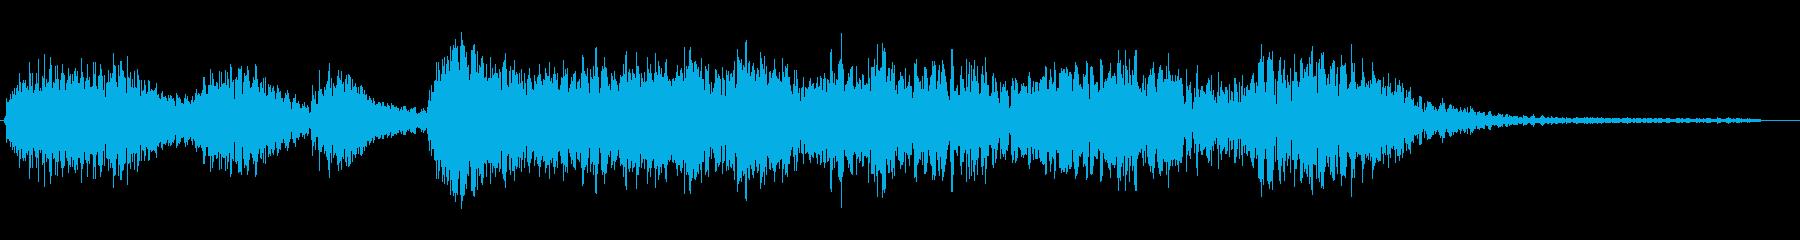 ニュースのタイトル前のシンセサイザー音の再生済みの波形